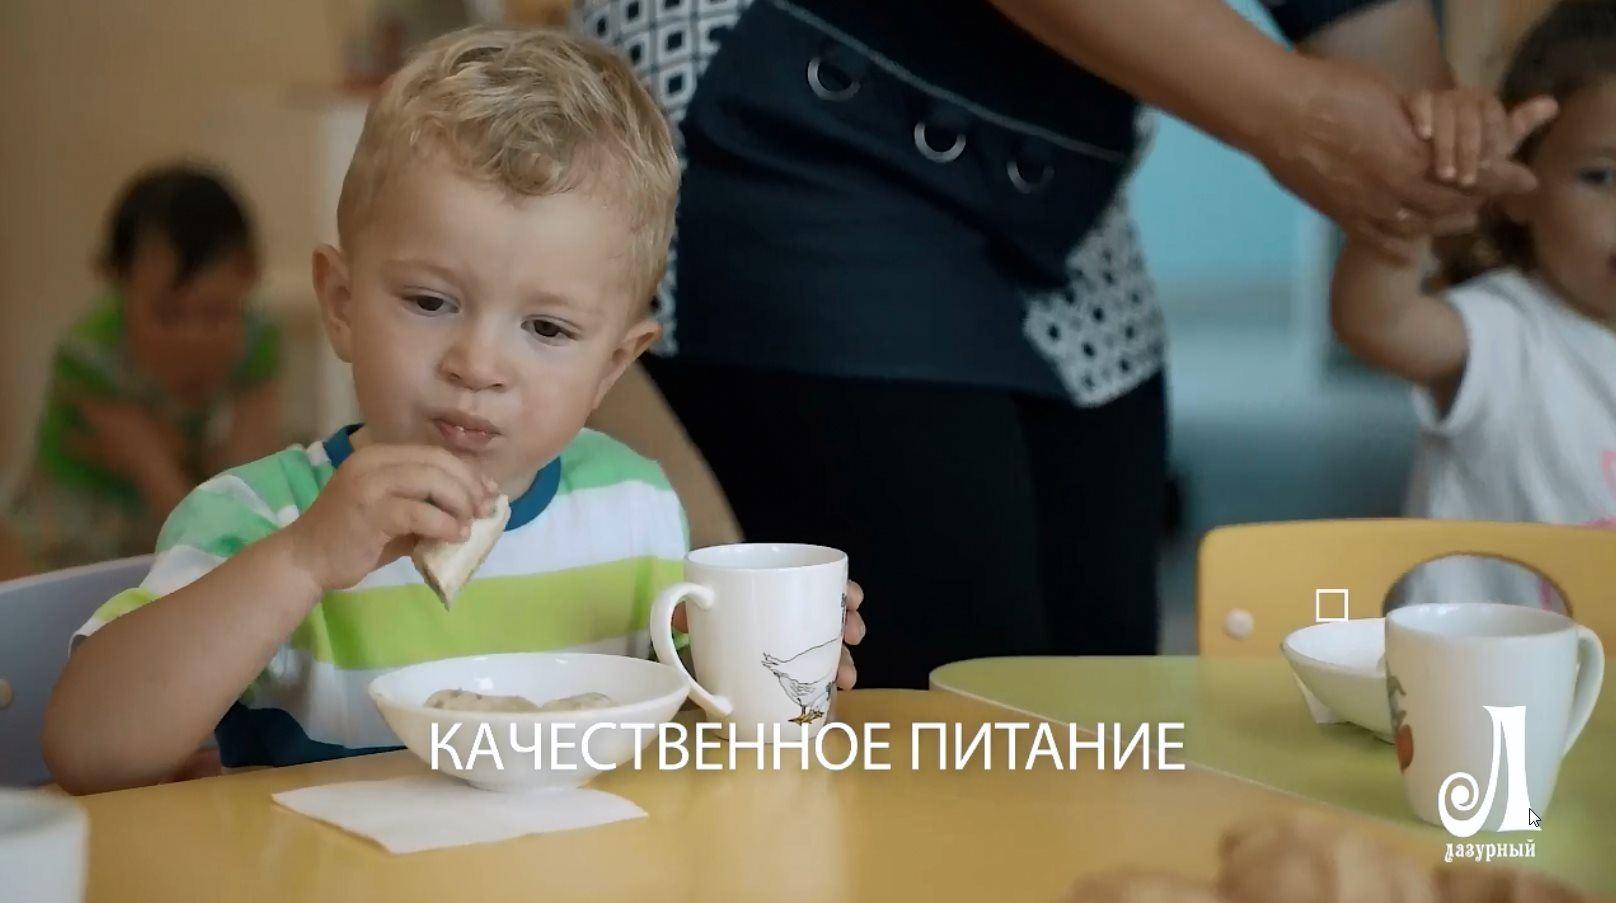 Детский сад Лазурный Качественное питание